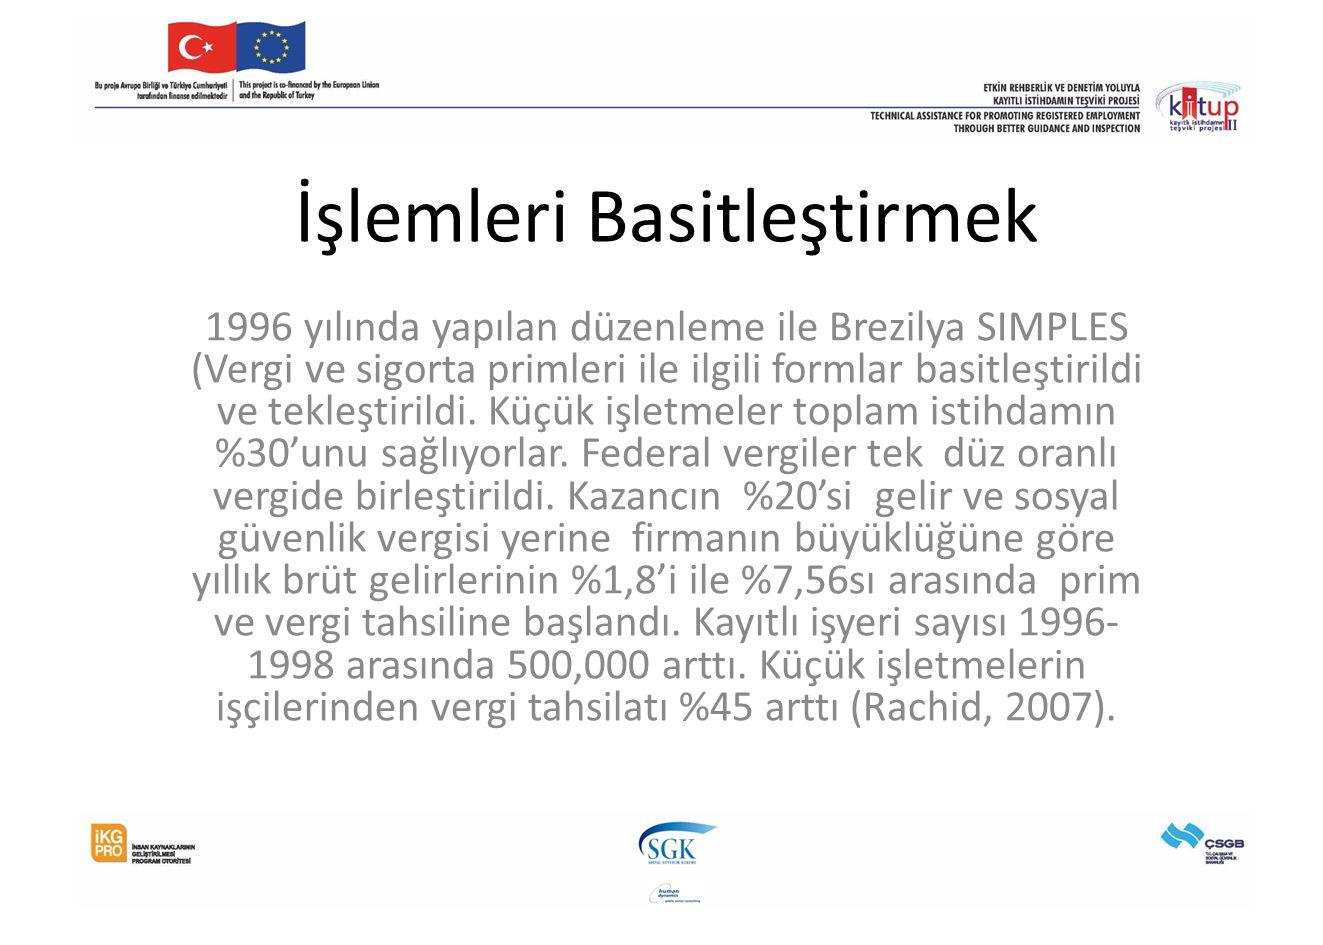 İşlemleri Basitleştirmek 1996 yılında yapılan düzenleme ile Brezilya SIMPLES (Vergi ve sigorta primleri ile ilgili formlar basitleştirildi ve tekleştirildi.